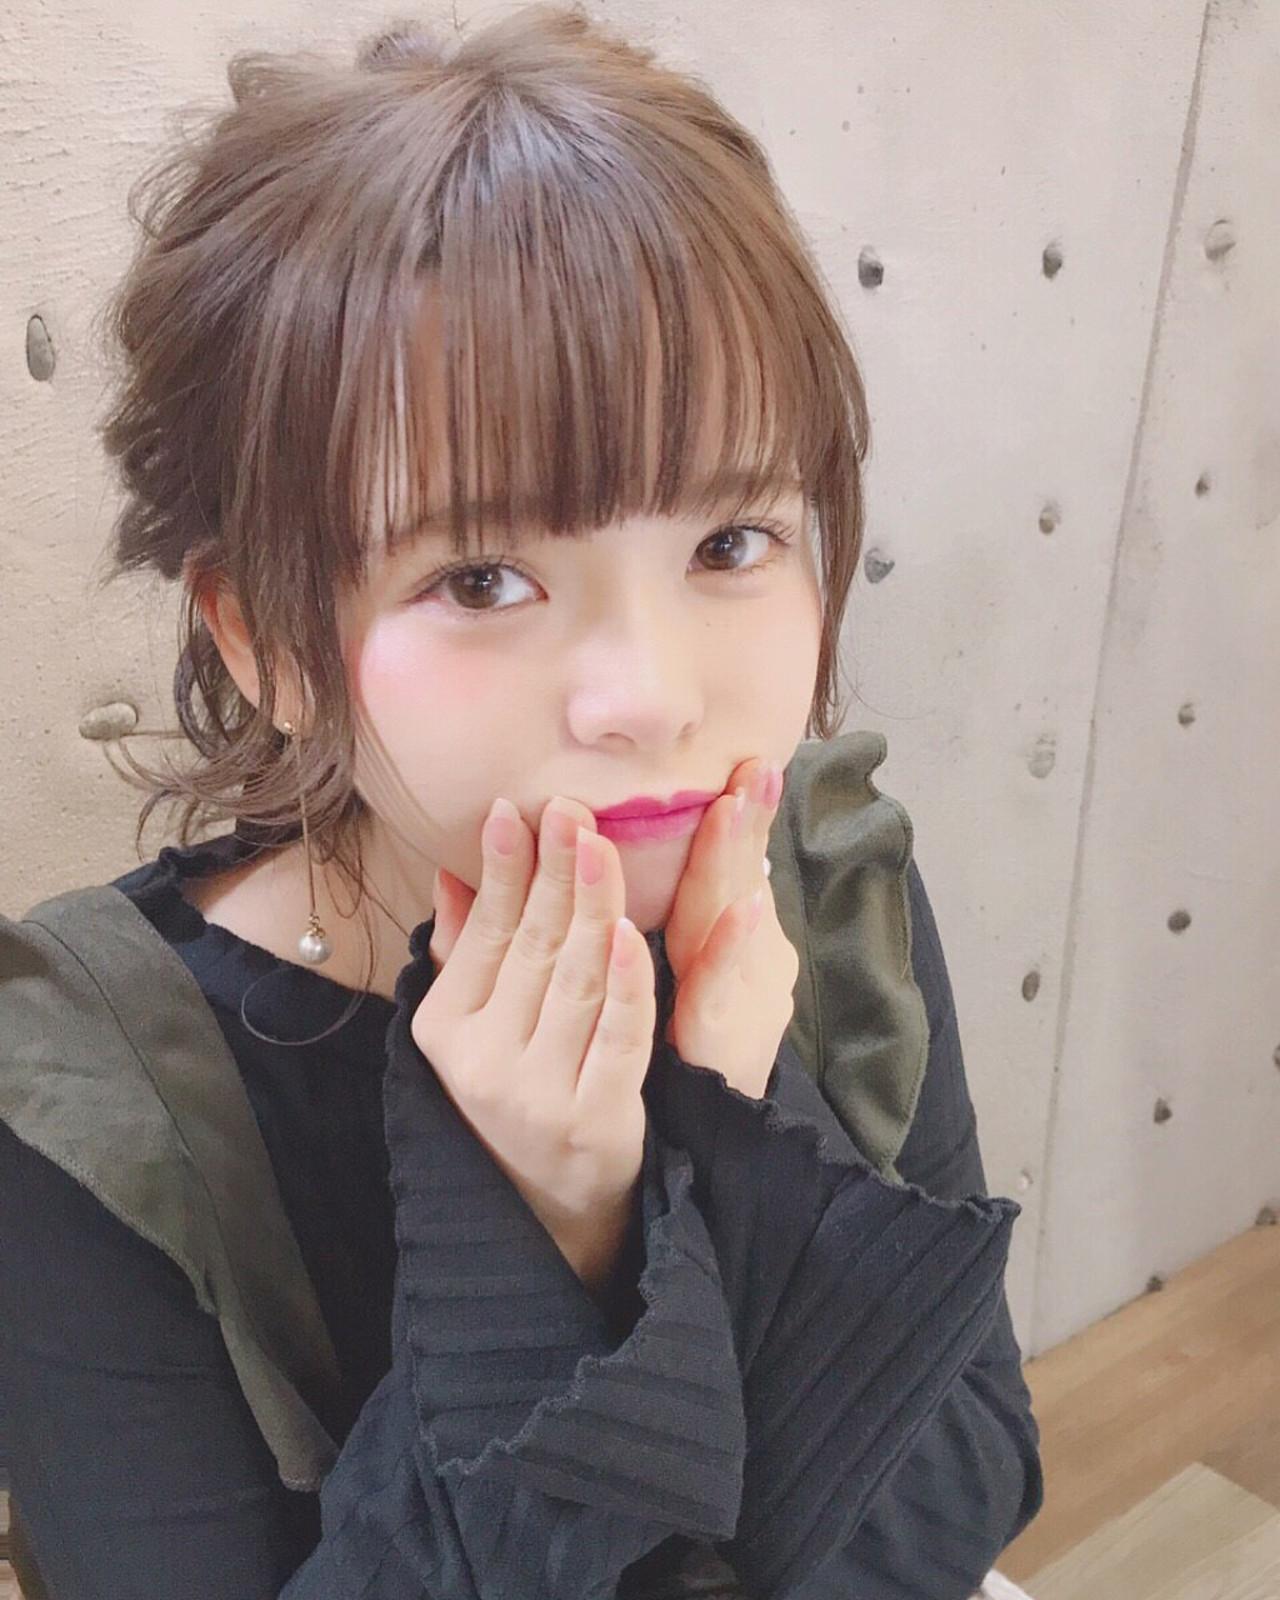 オルチャンモデルのメイクの特徴 Wataru Maeda